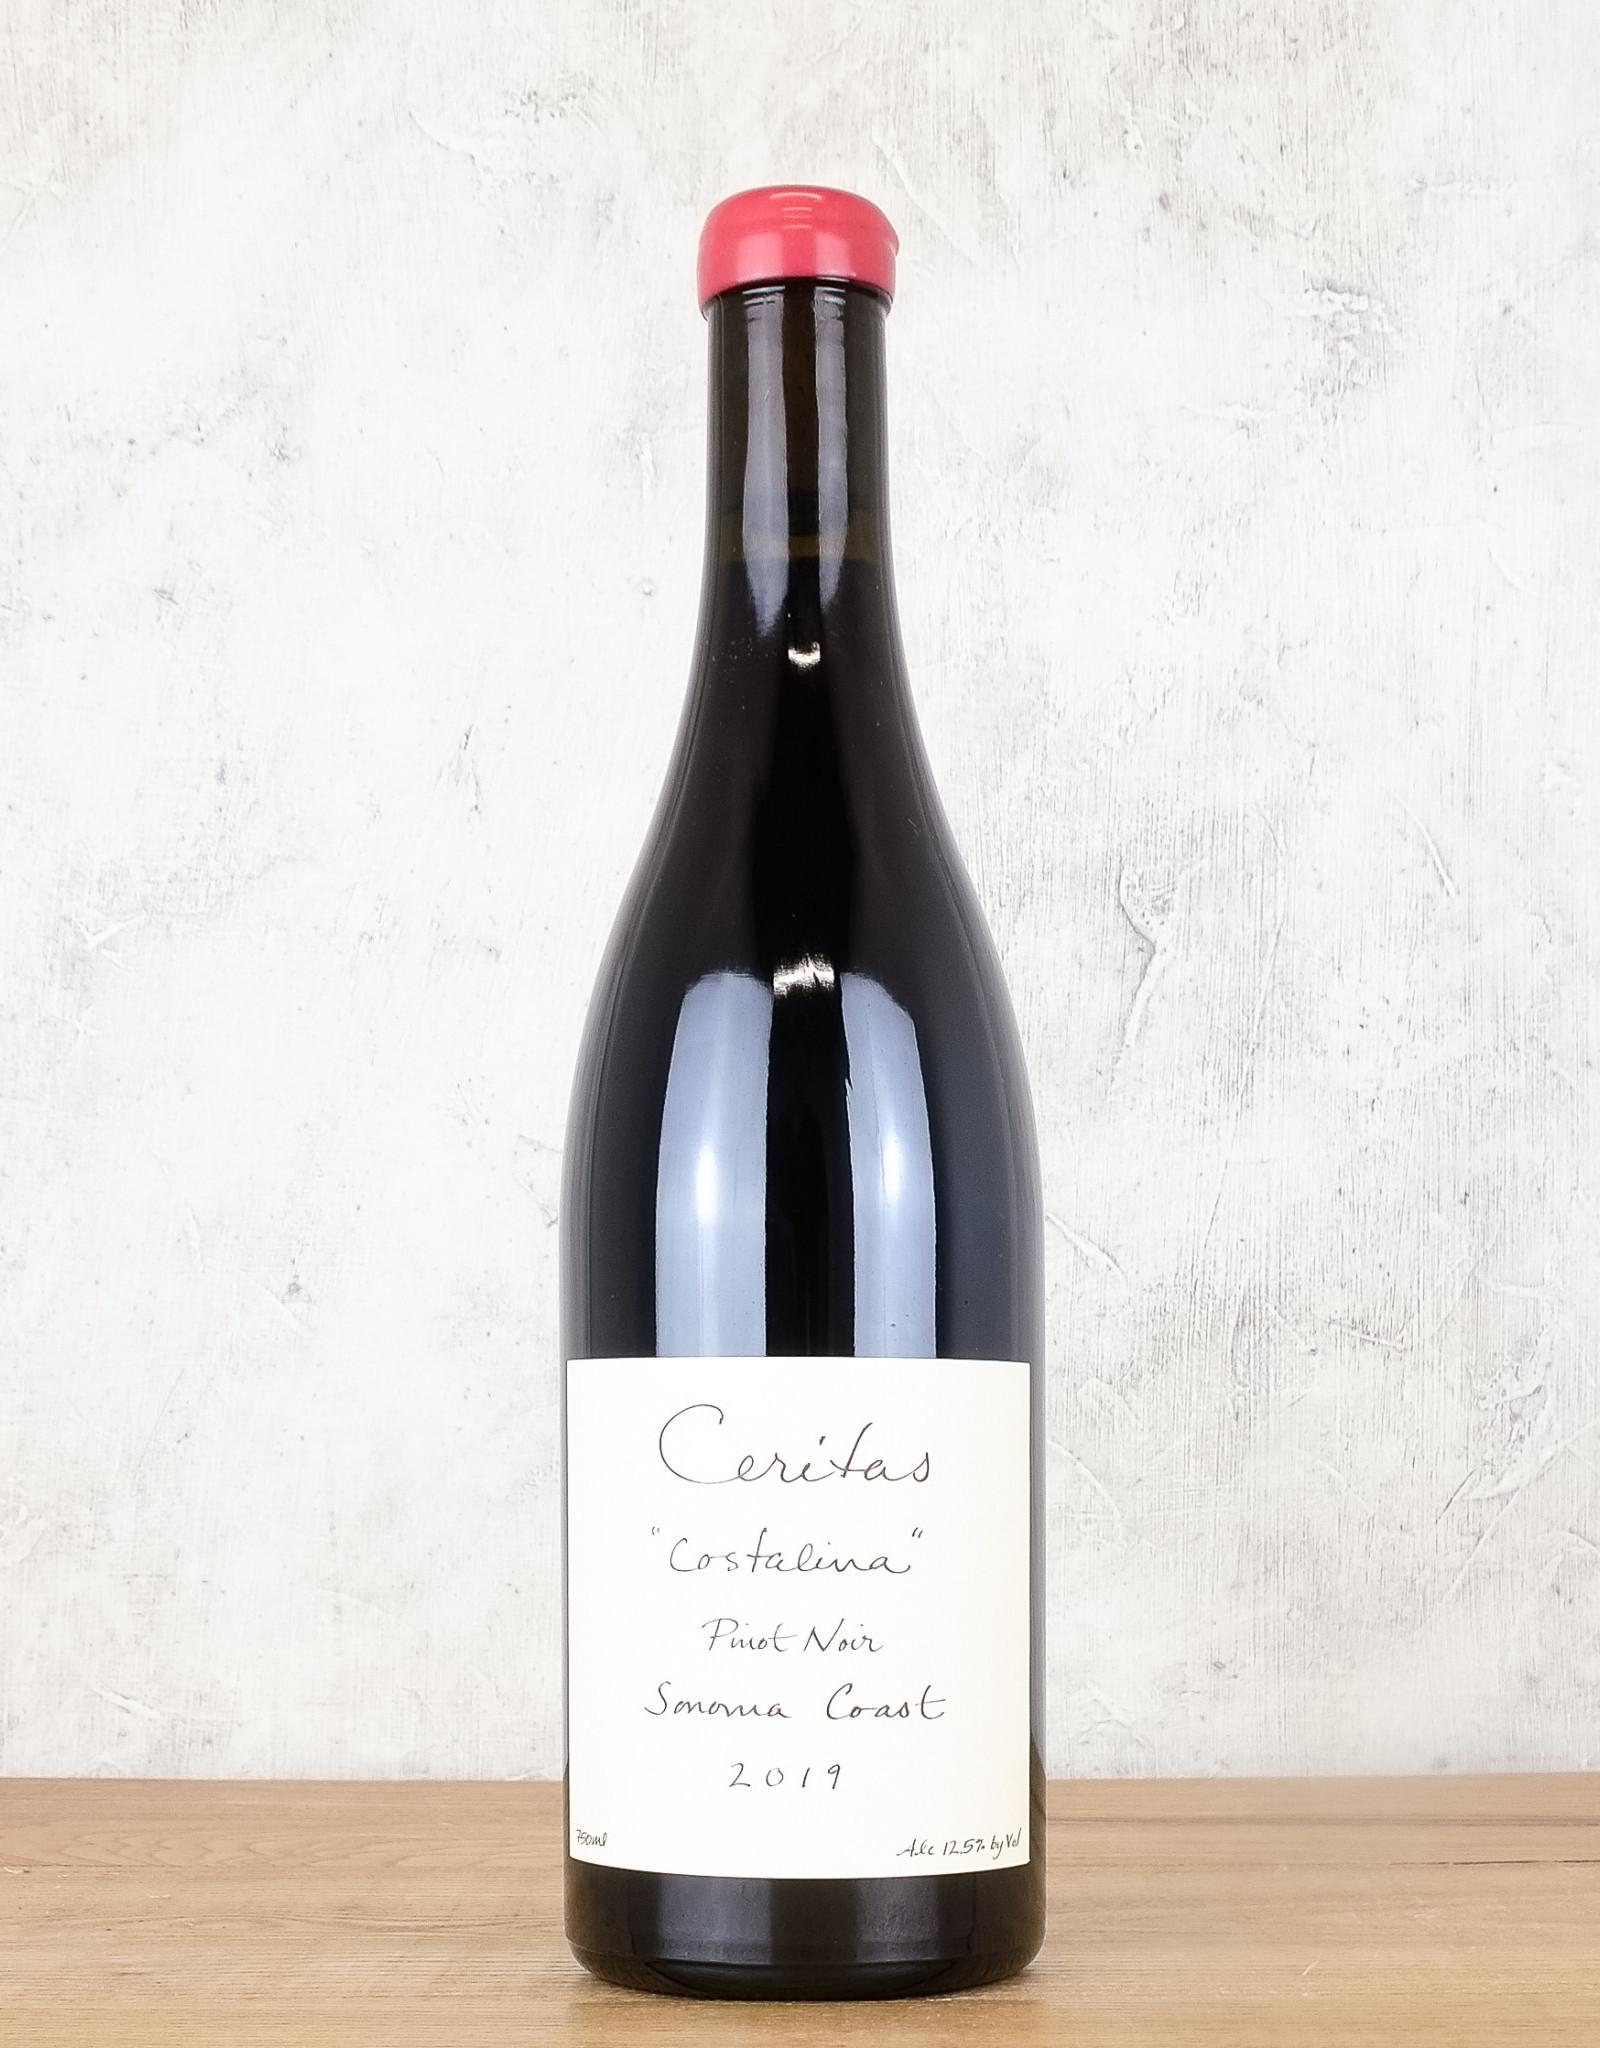 Ceritas Pinot Noir Costalina